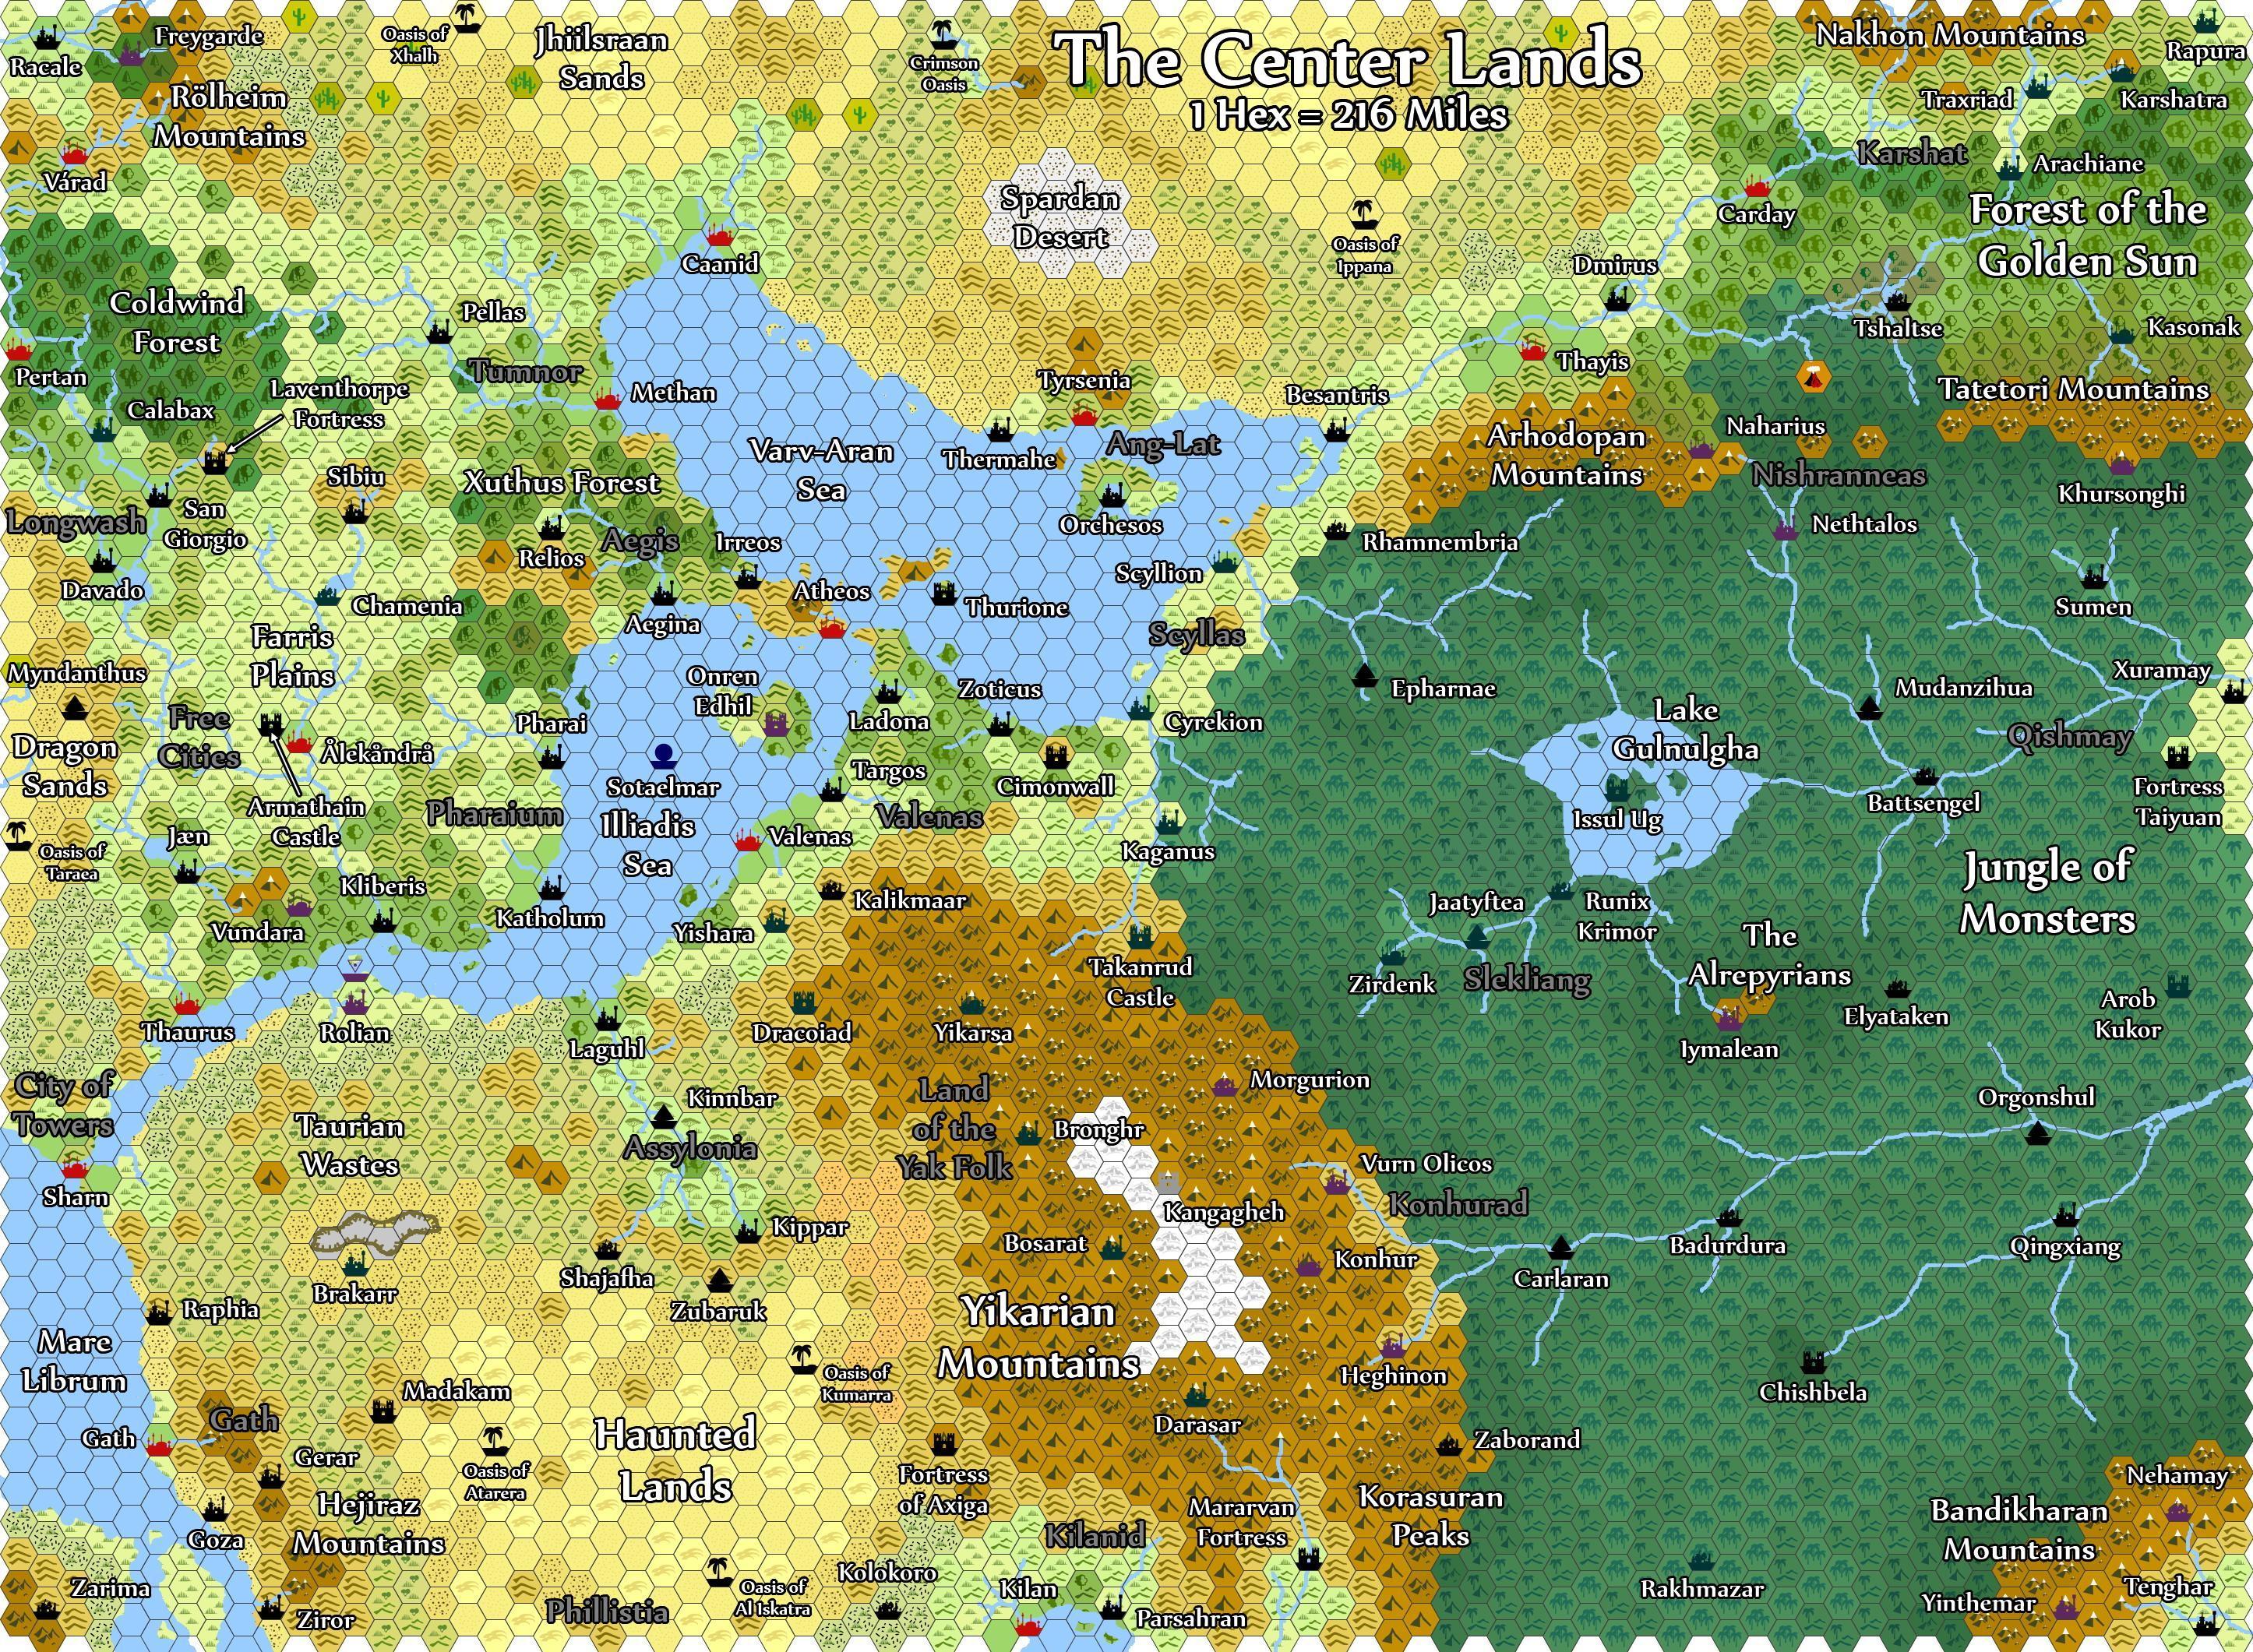 The Center Lands_final.jpg